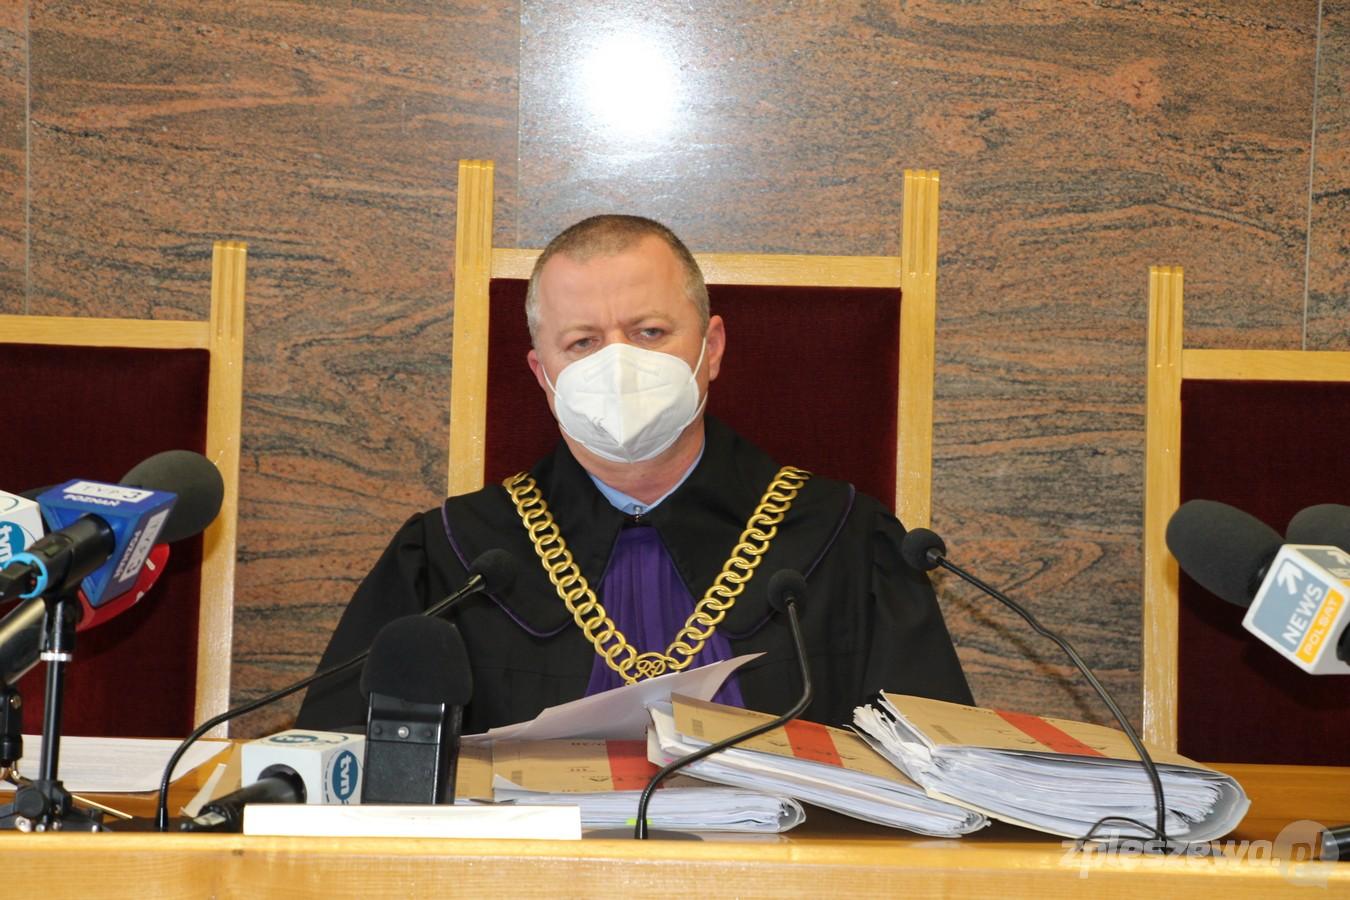 Ksiądz Arkadiusz H. skazany. Sąd: Wina nie budzi wątpliwości [AKTUALIZACJA] - Zdjęcie główne